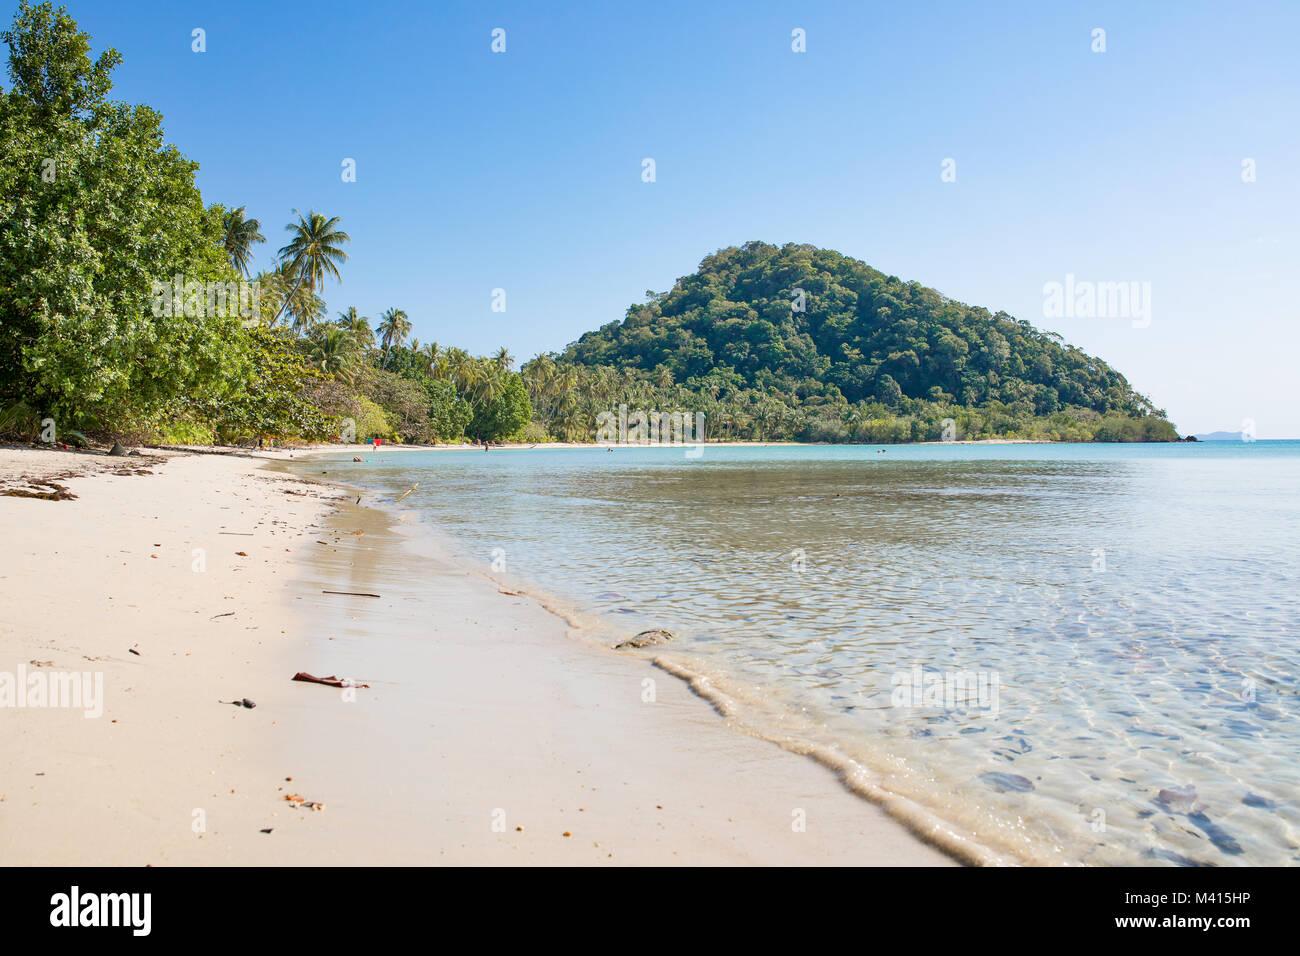 Panoramablick auf die Küste, Bananen, Palmen und Regenwald Pflanzen, Berge und blaues Meer. Natur in Asien. Stockbild